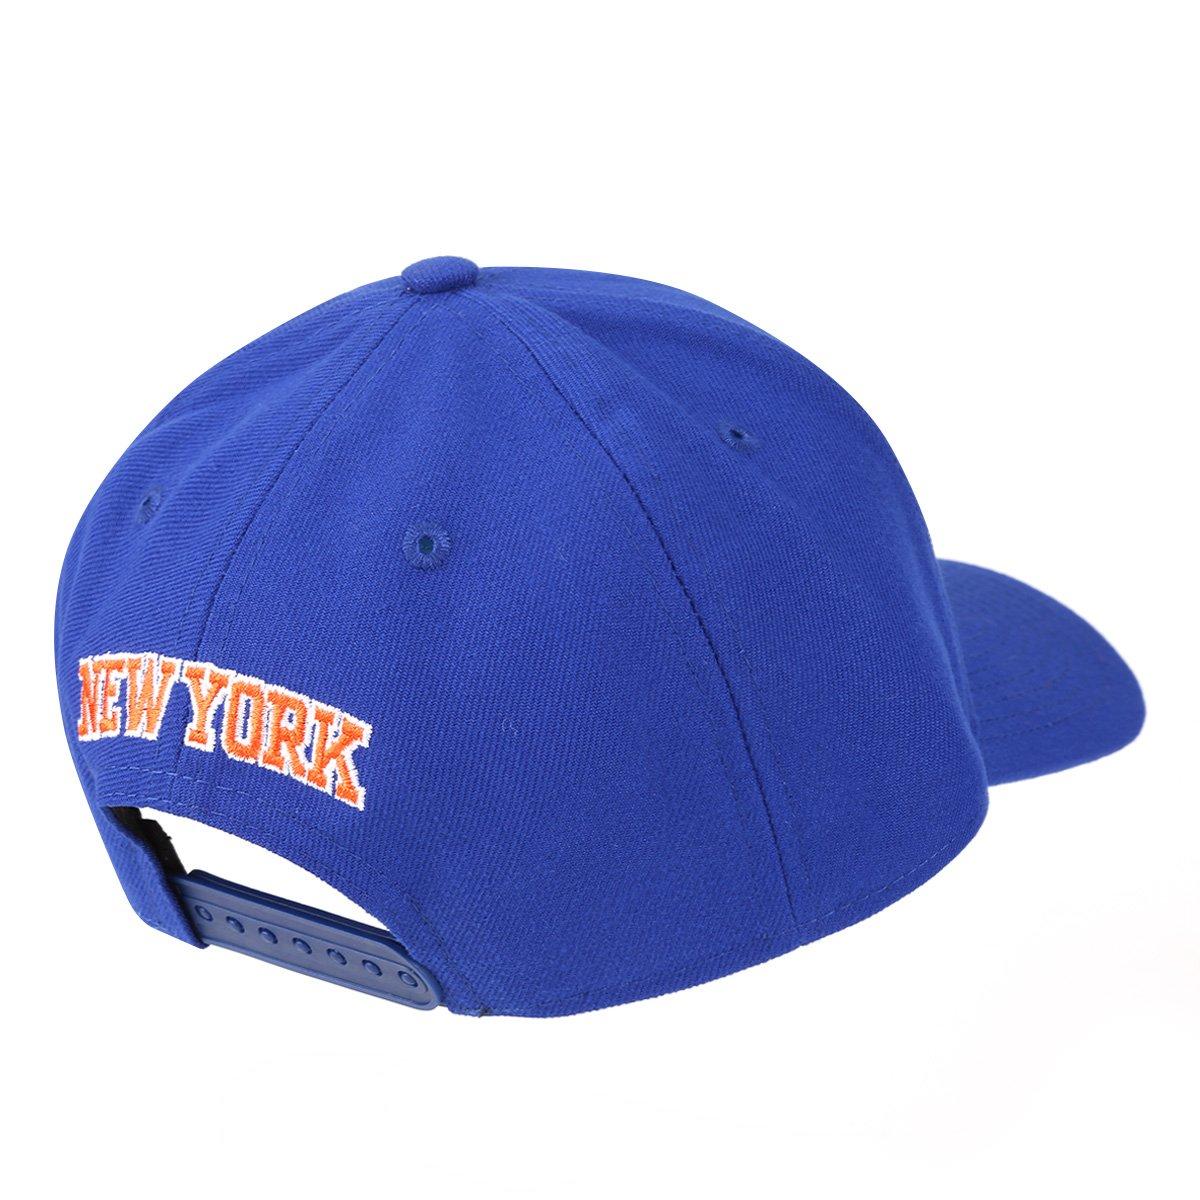 Boné New Era NBA New York Knicks Aba Curva Primary - Compre Agora ... 6af85c4cc67